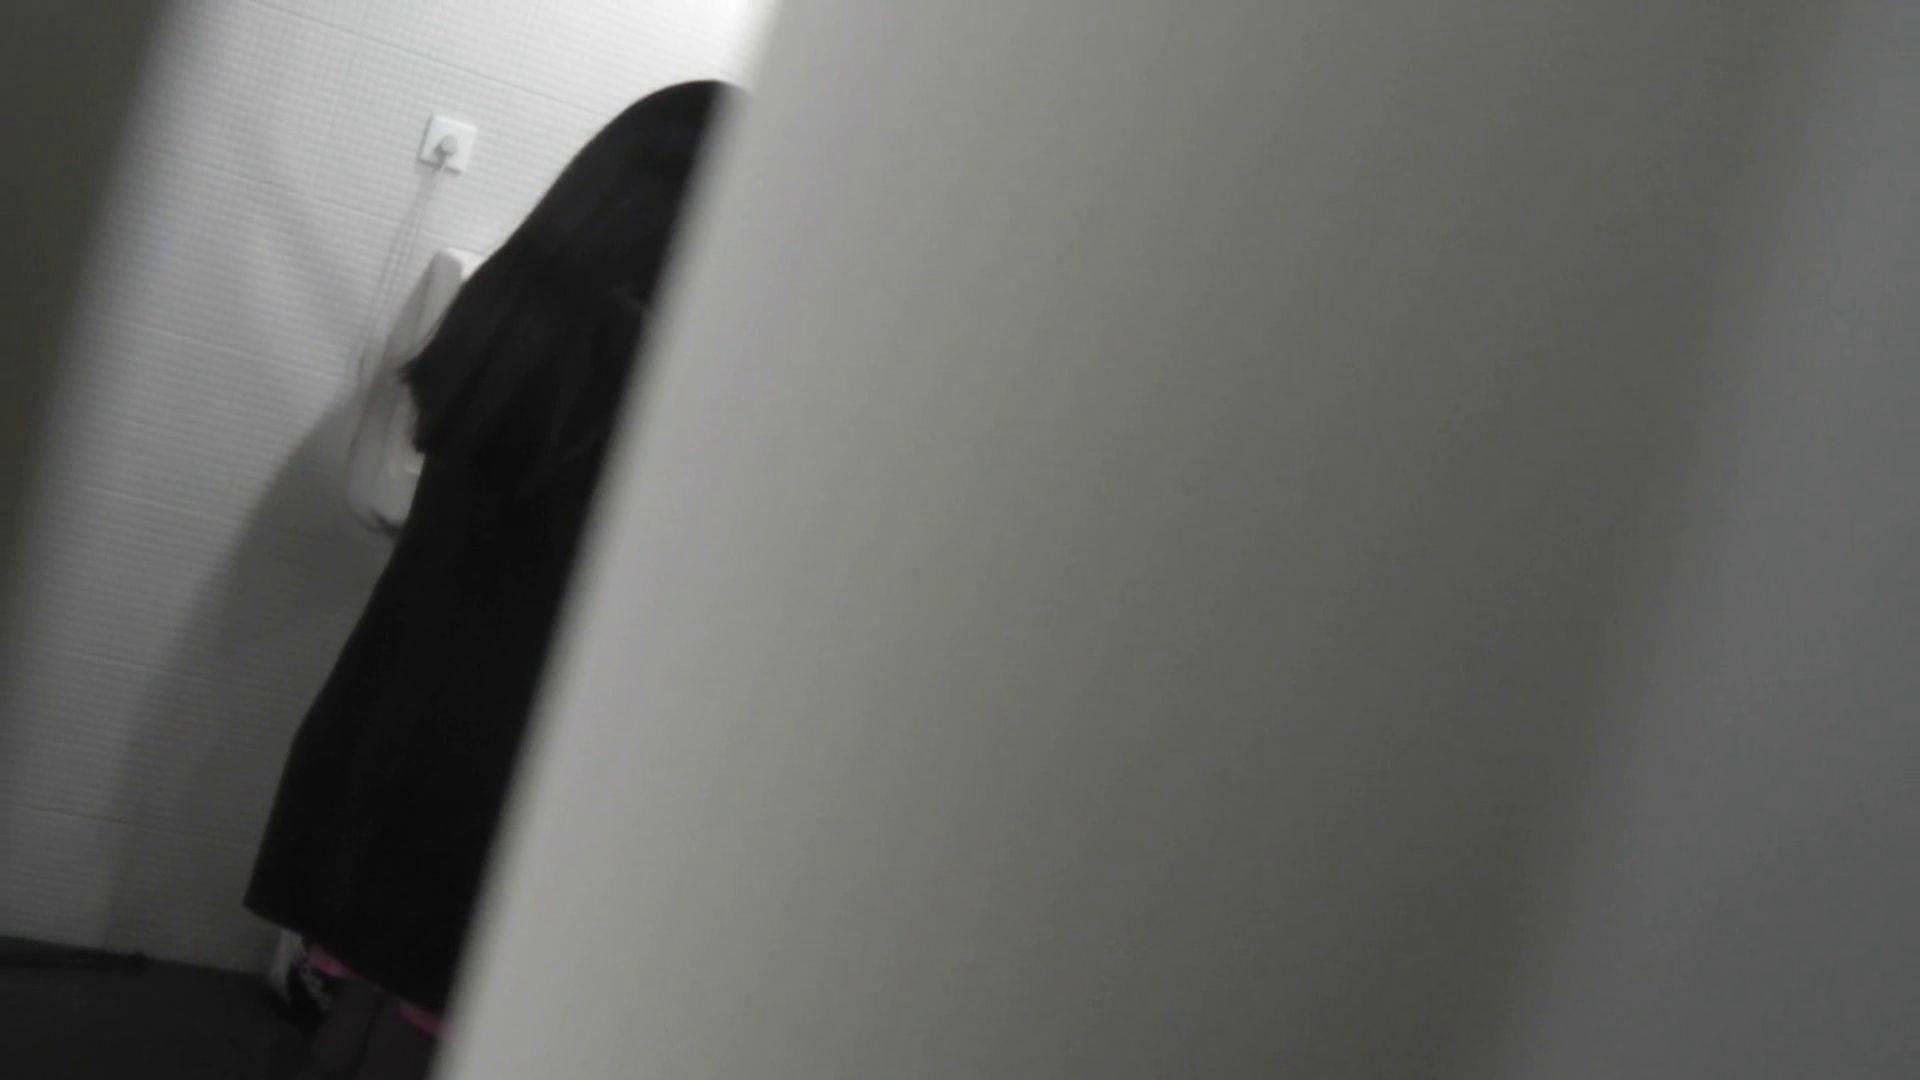 【日本成人用品展览会。超模如云】vol.01 着替 空爆 OLの実態   潜入  100pic 64